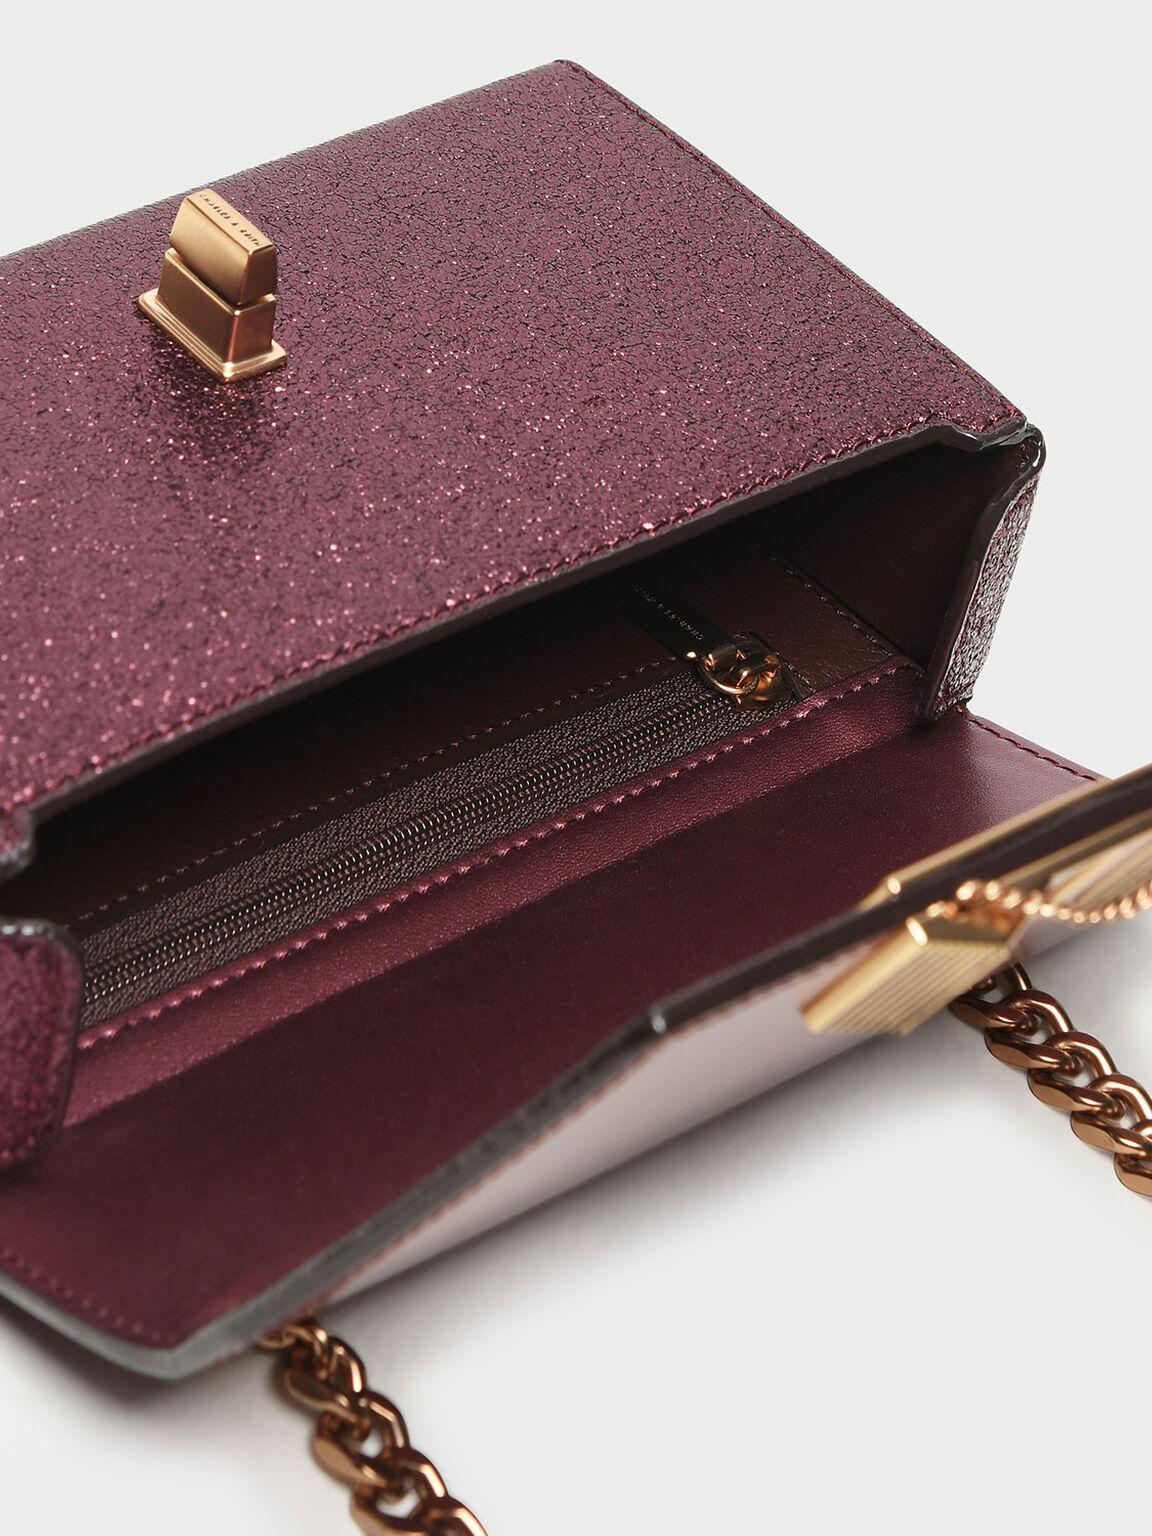 Chain Detail Turn Lock Bag, Prune, hi-res